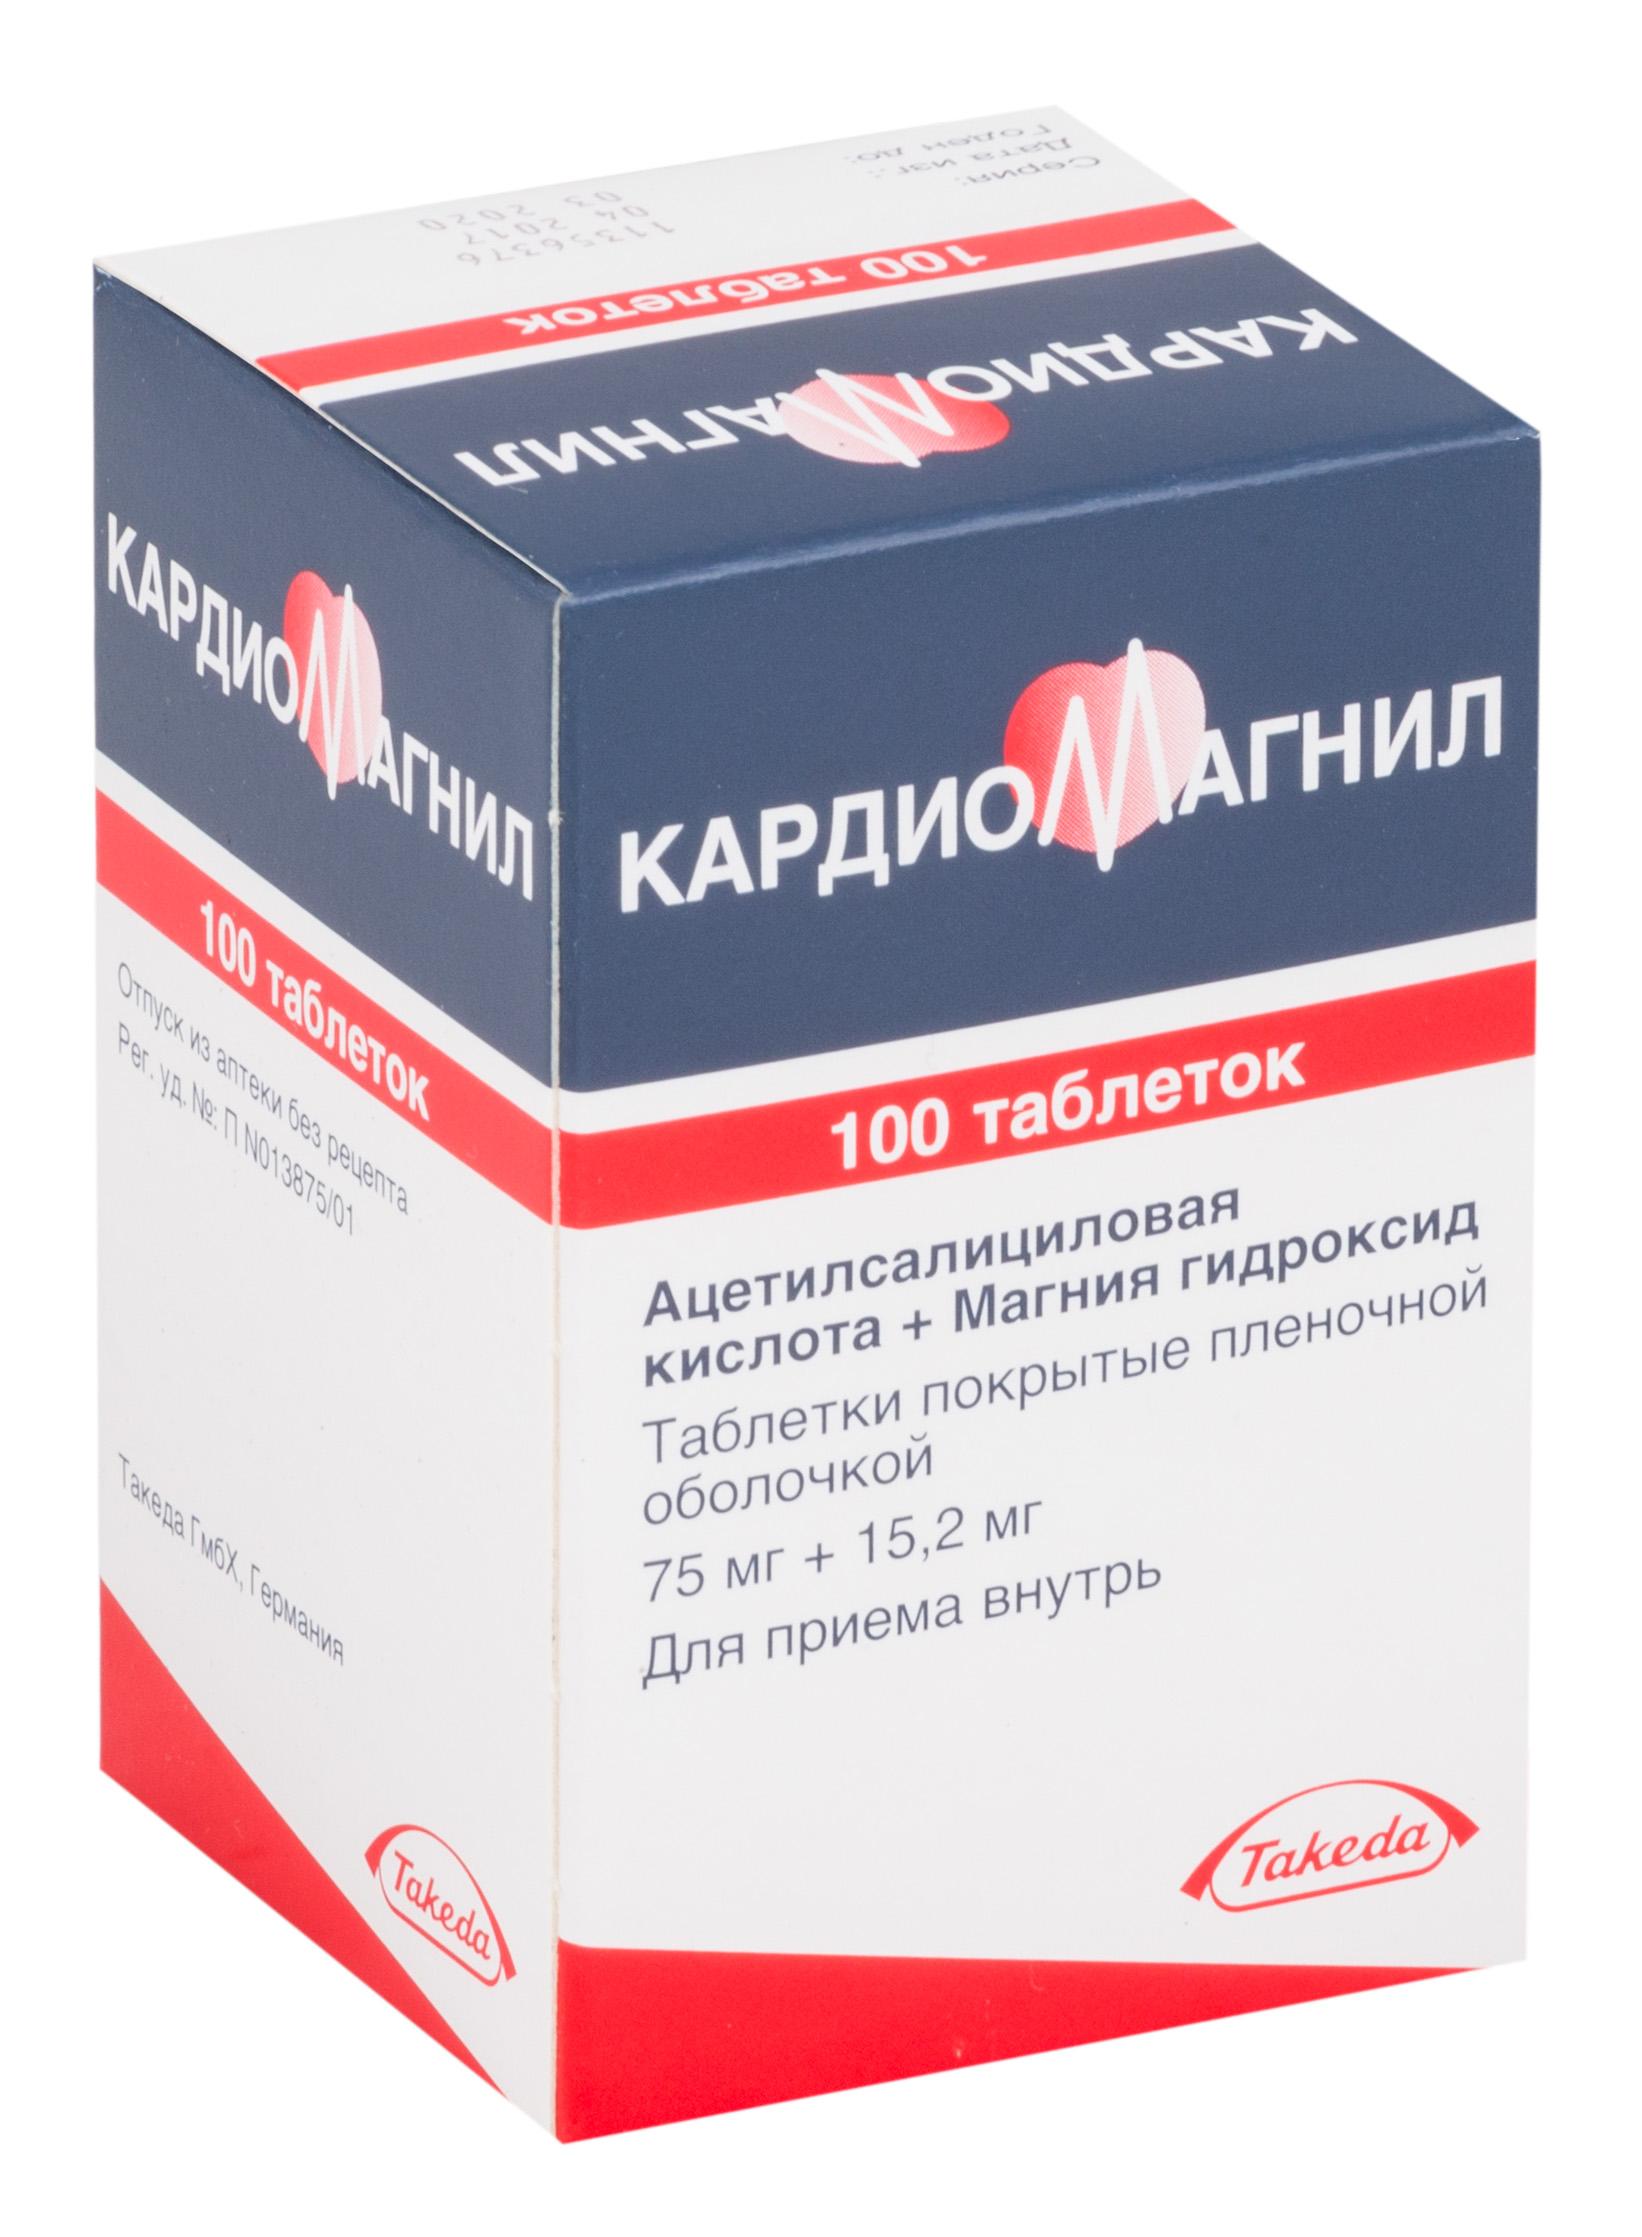 Кардиомагнил табл. п.п.о. 75 мг + 15,2 мг №100